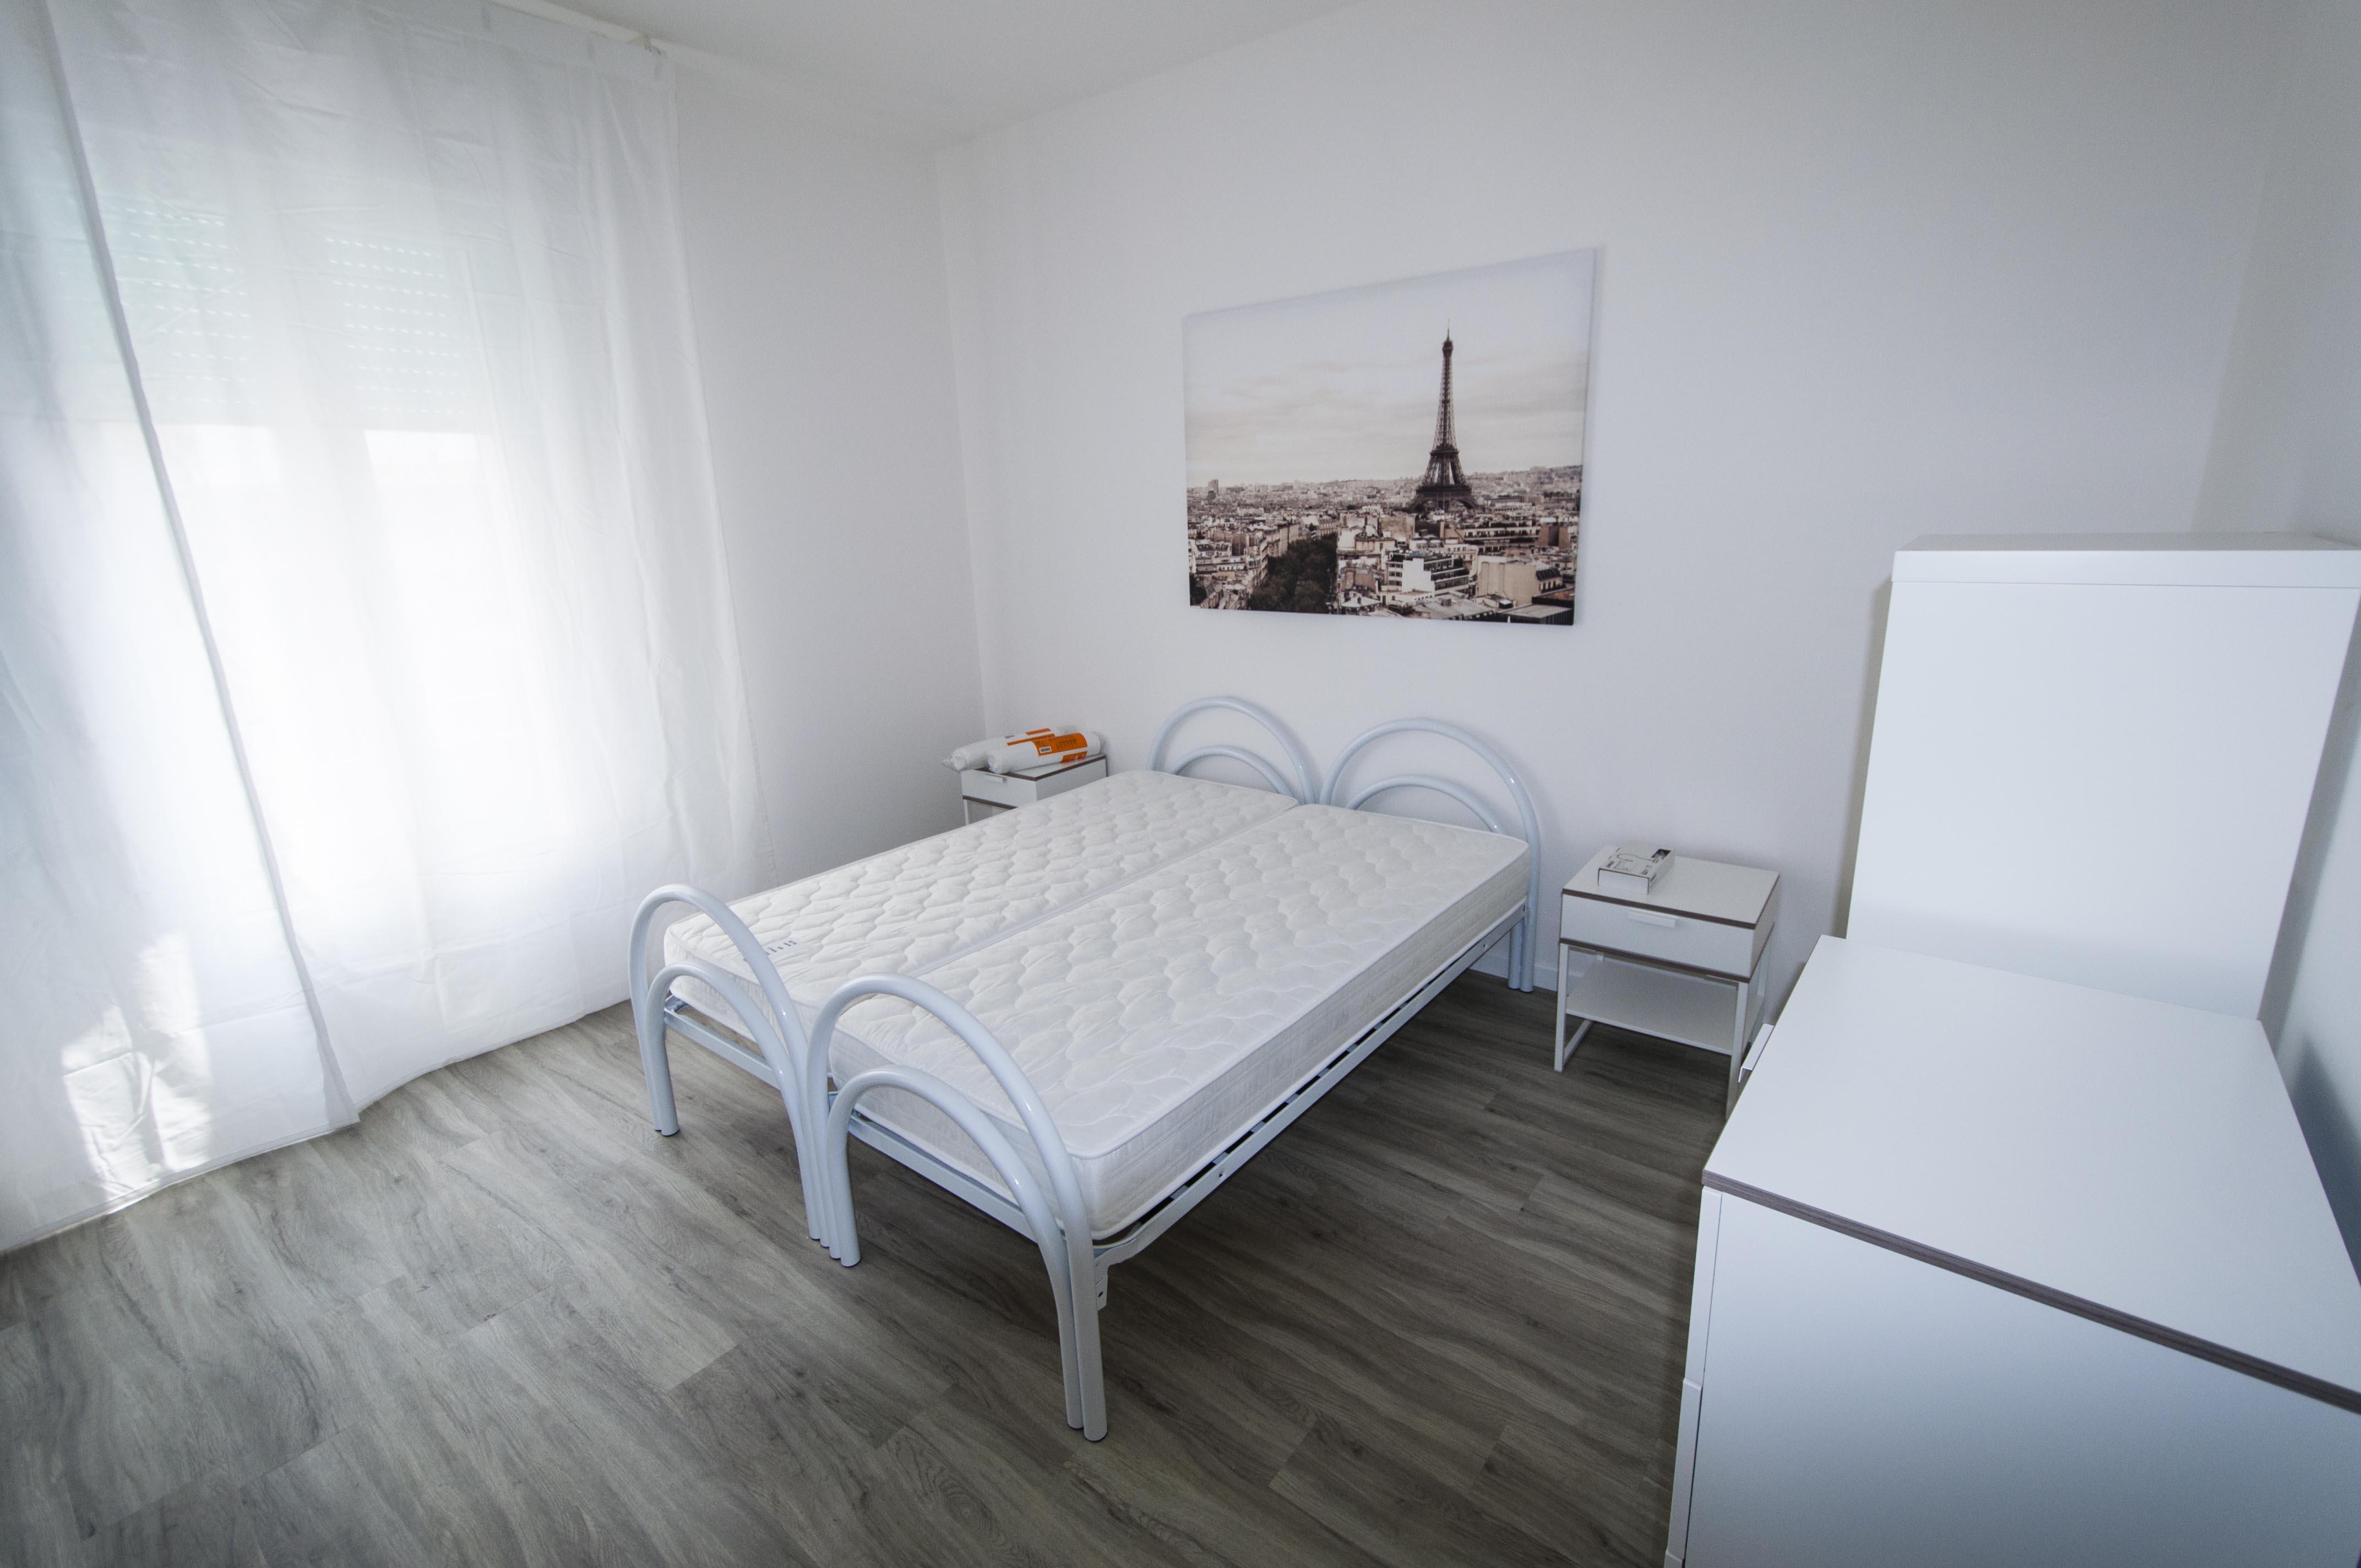 Camere in Affitto Treviso - Studio Architettura Zanatta 06